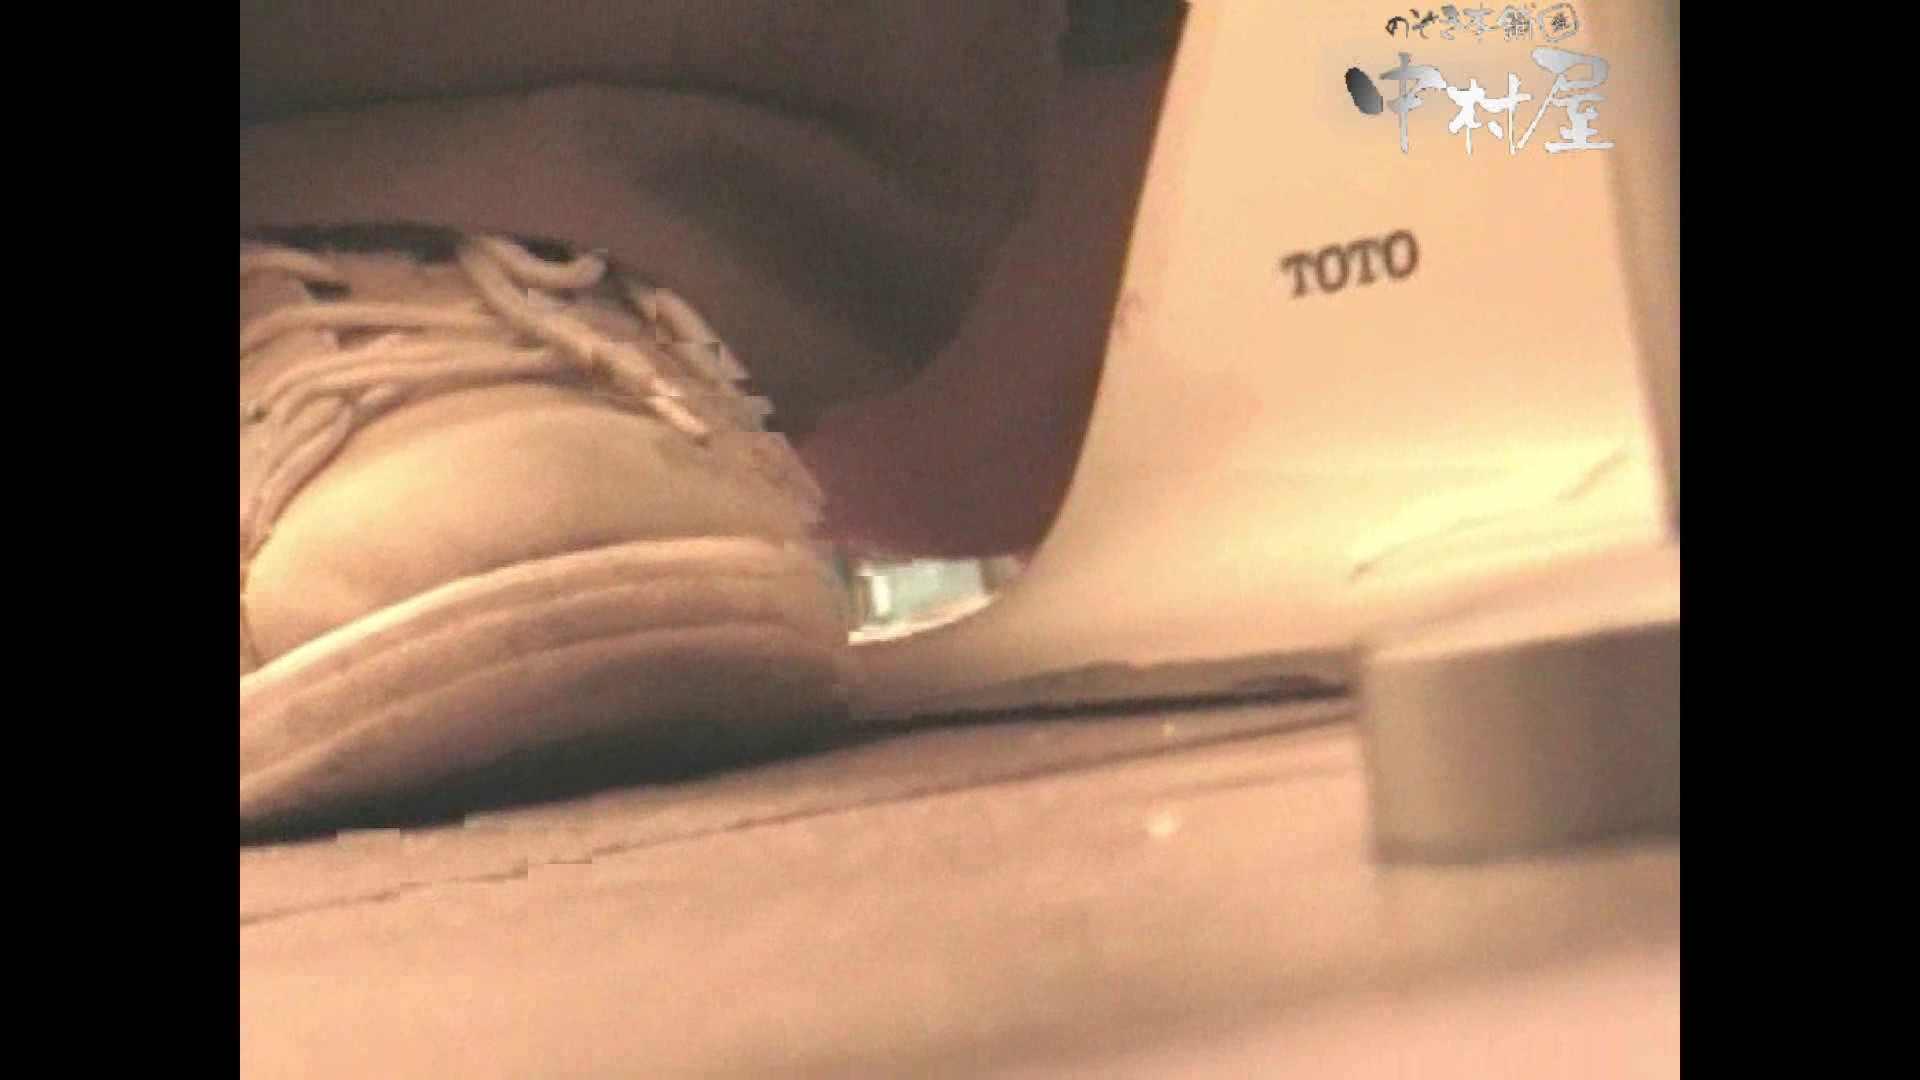 岩手県在住盗撮師盗撮記録vol.04 エッチな盗撮 のぞき動画キャプチャ 98pic 12